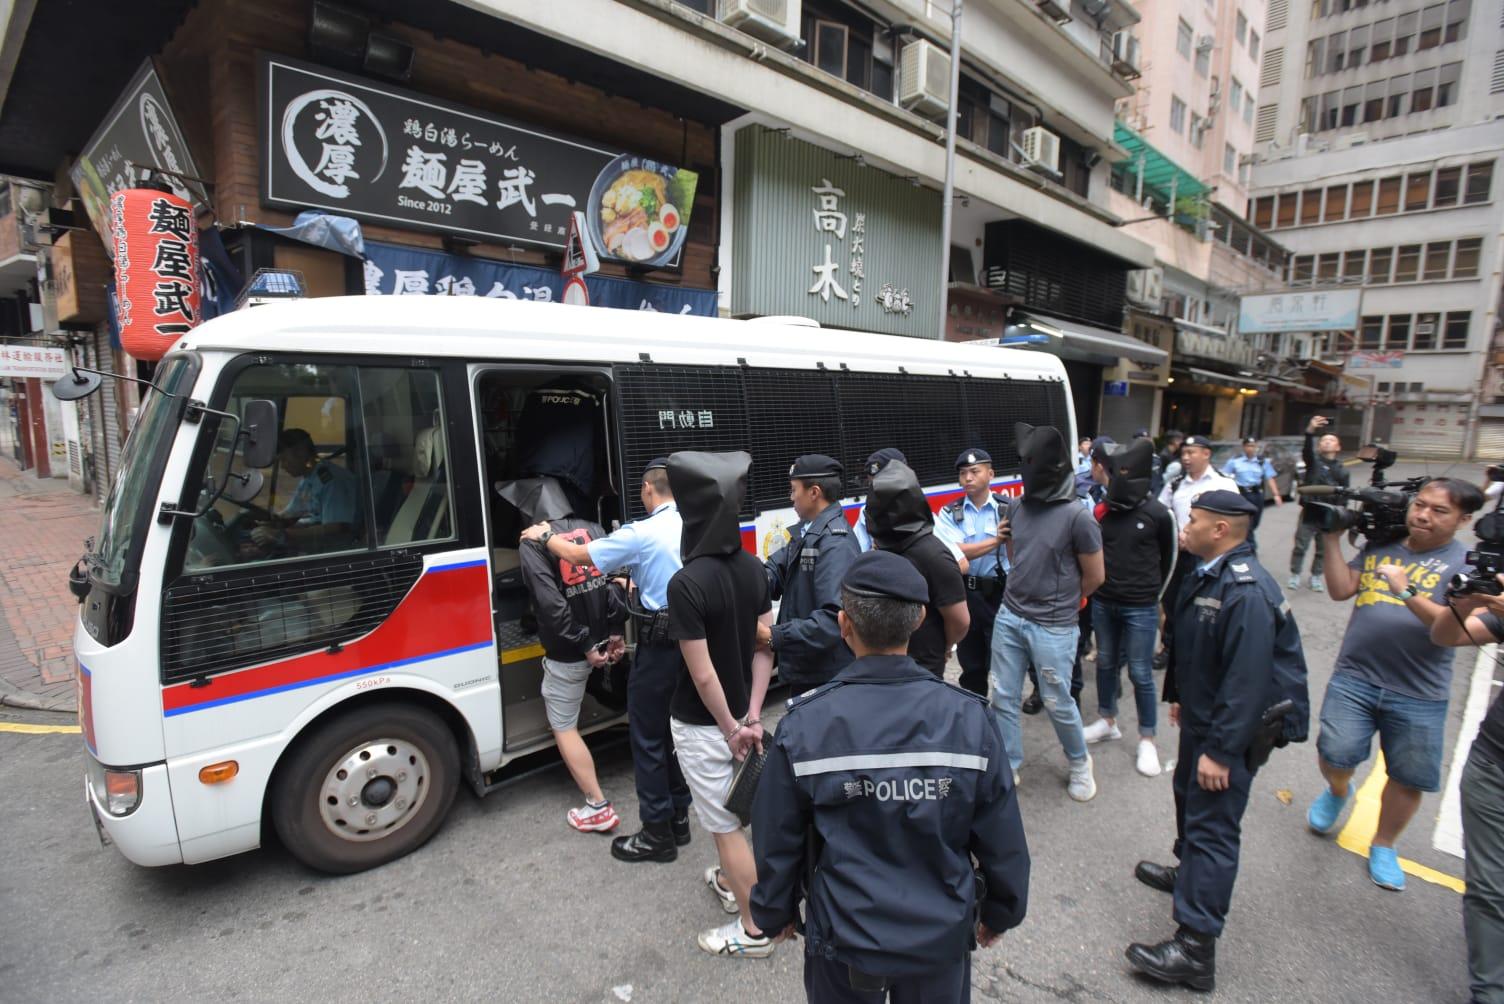 警員在棉登徑13號一酒吧拘捕6名男子涉嫌「藏毒」。